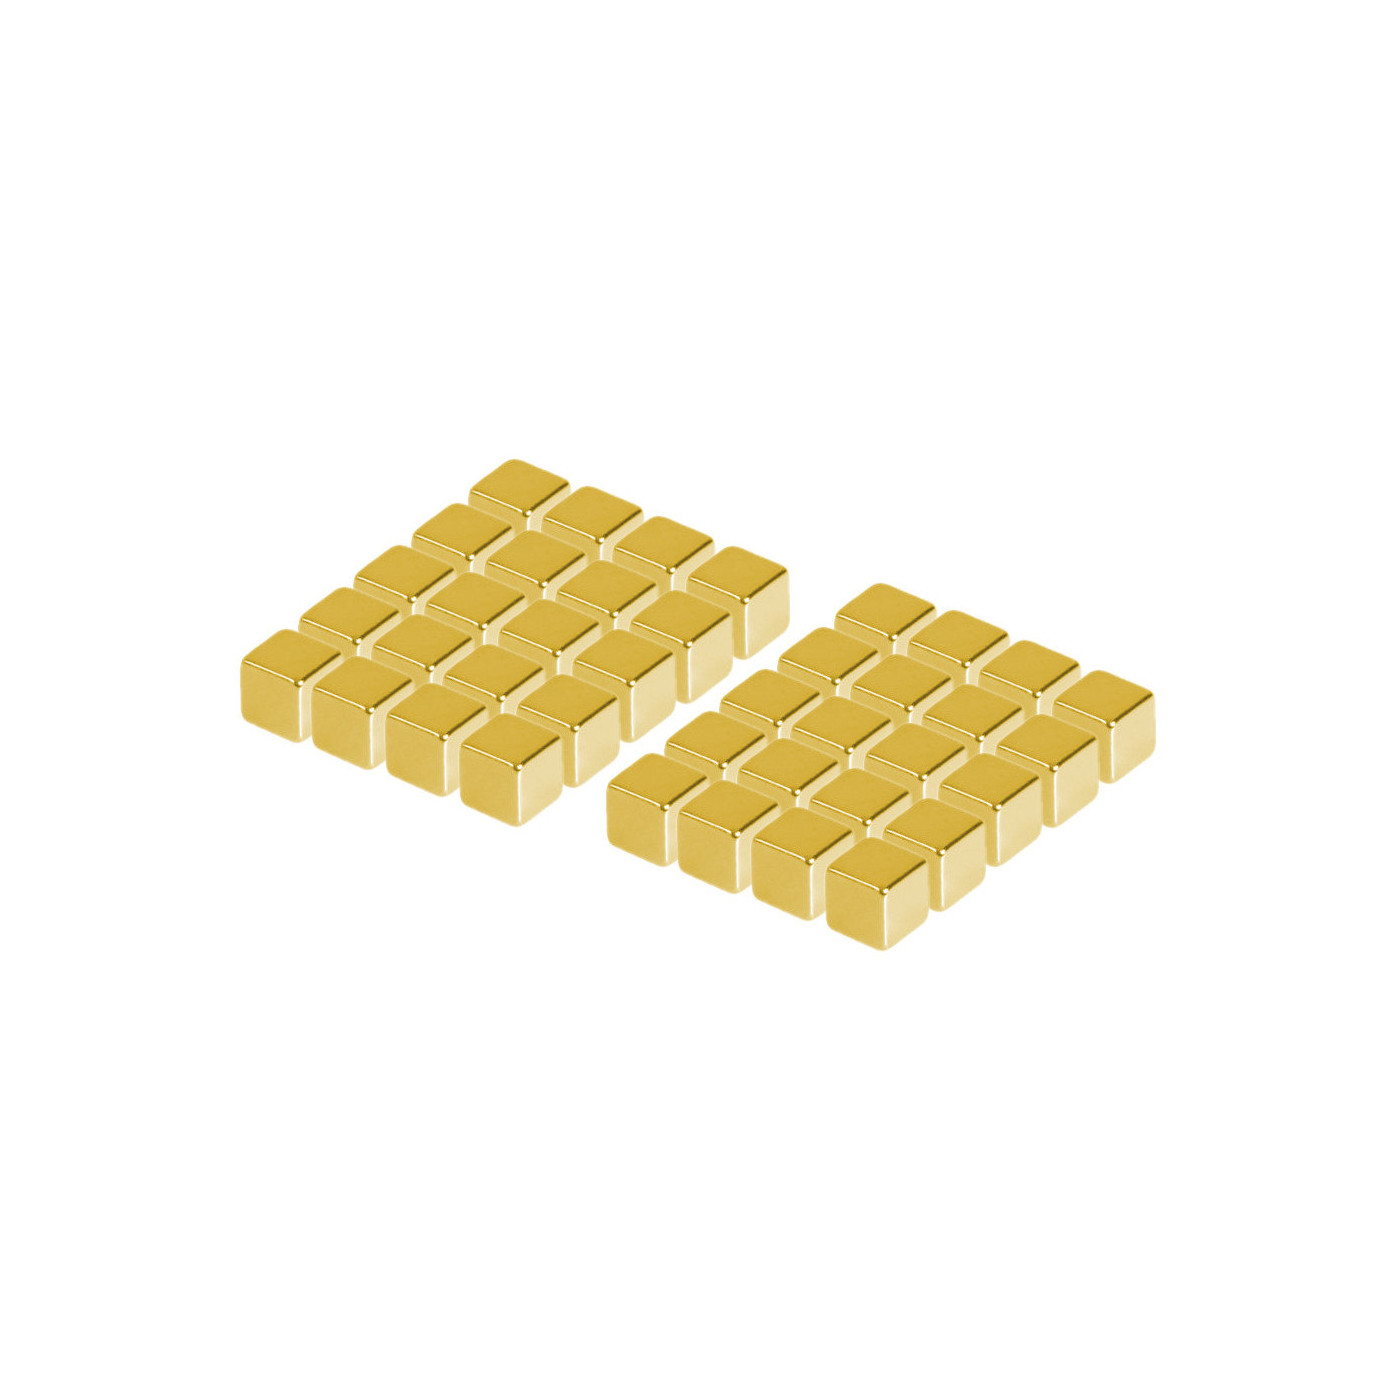 Zestaw 40 silnych magnesów (złoty, sześcian: 5x5x5 mm)  - 1